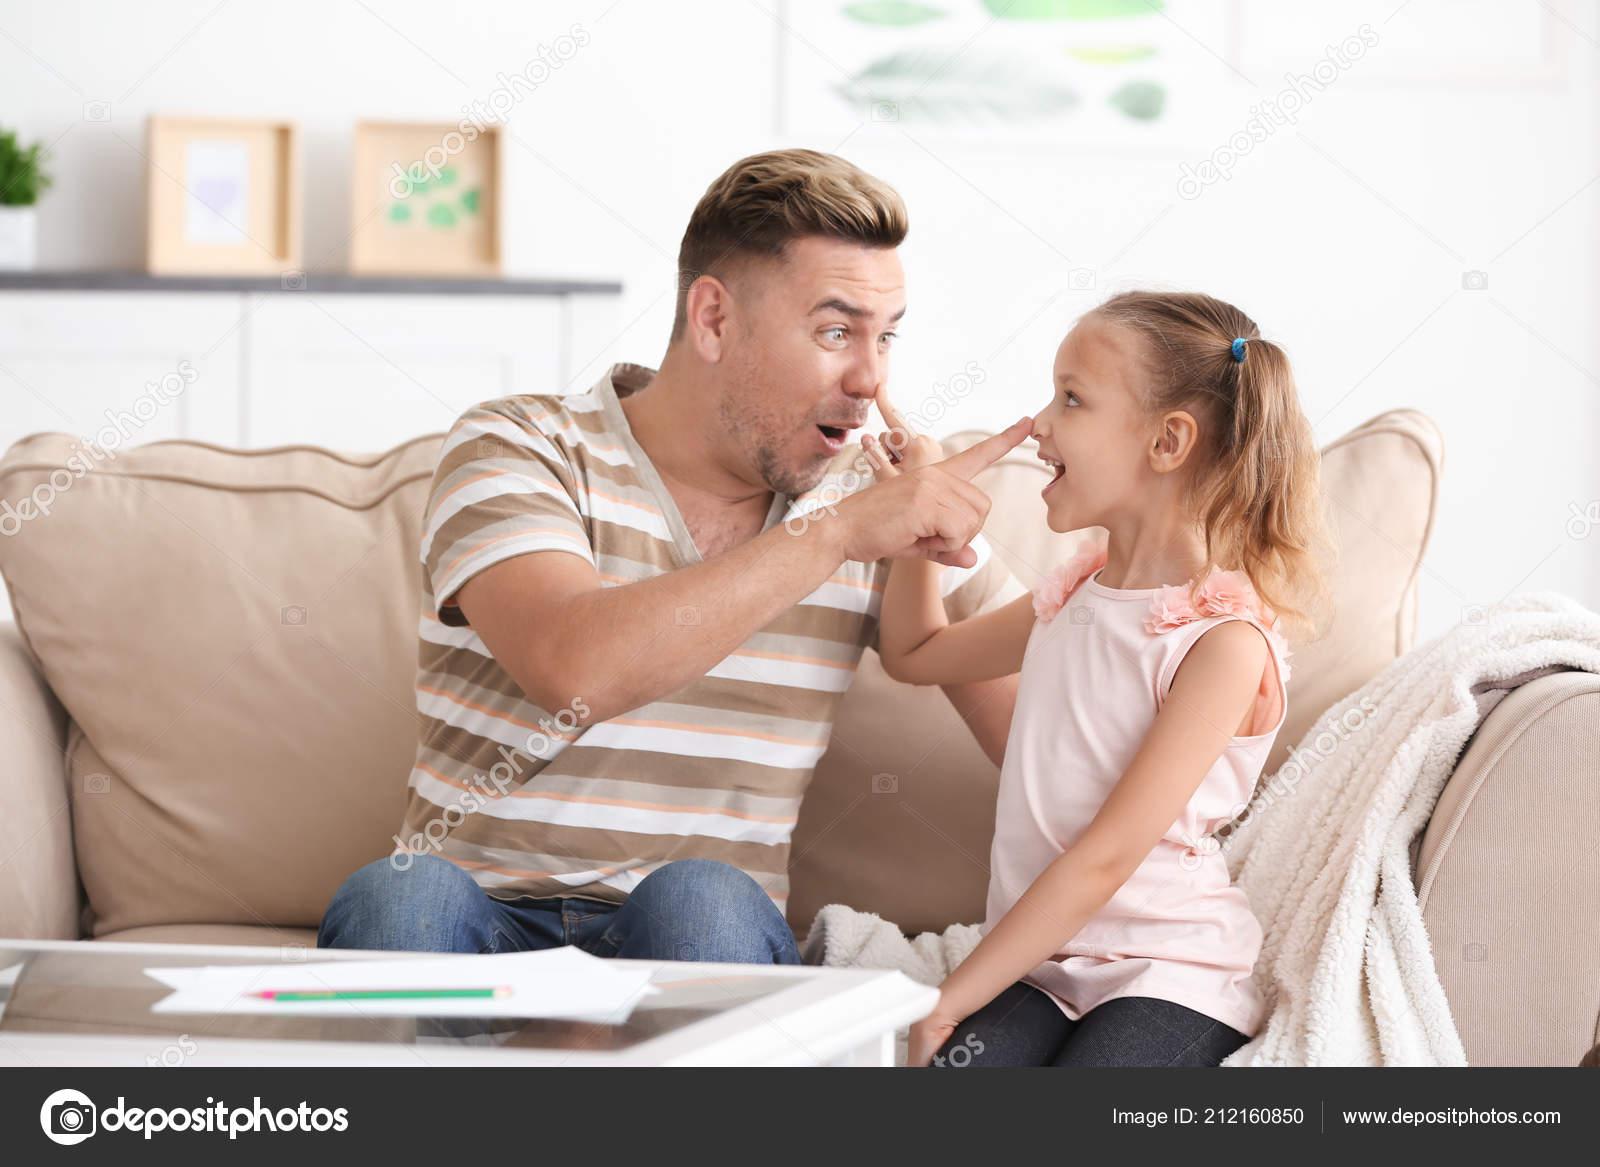 Секс пьяной дочки с отцом, Отец и дочь, отец ебет дочь - Смотреть порно видео 22 фотография